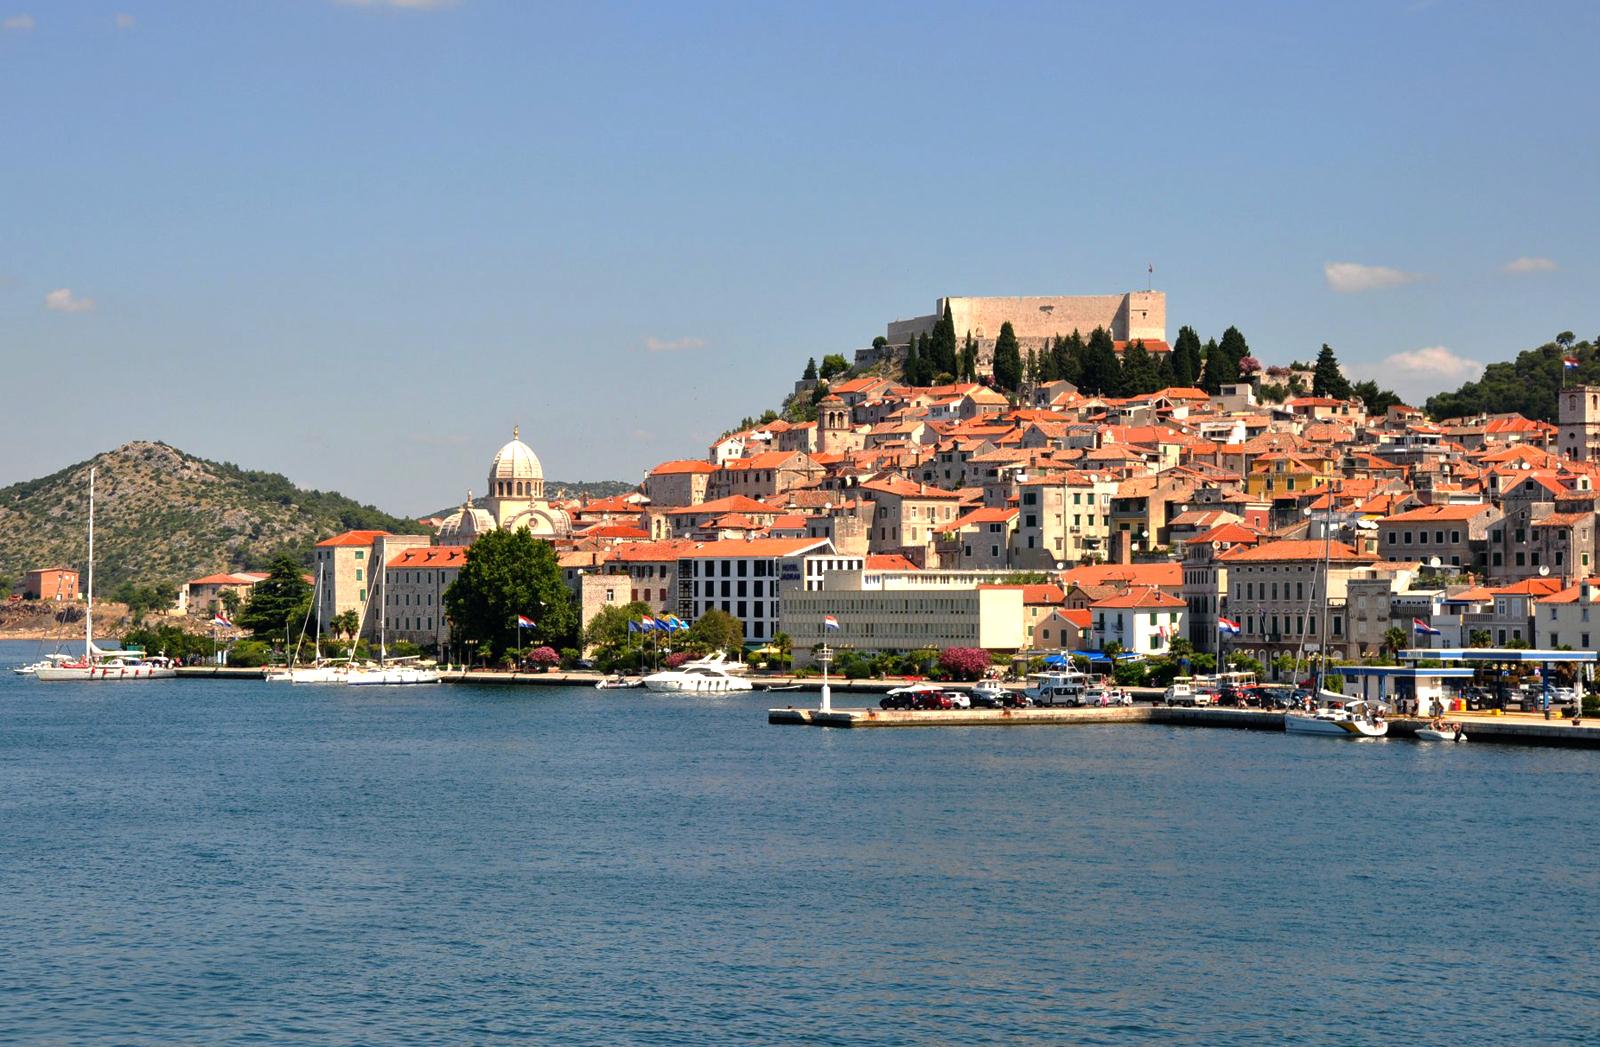 Десятый в Хорватии по количеству жителей, город Шибеник важен как центр туризма